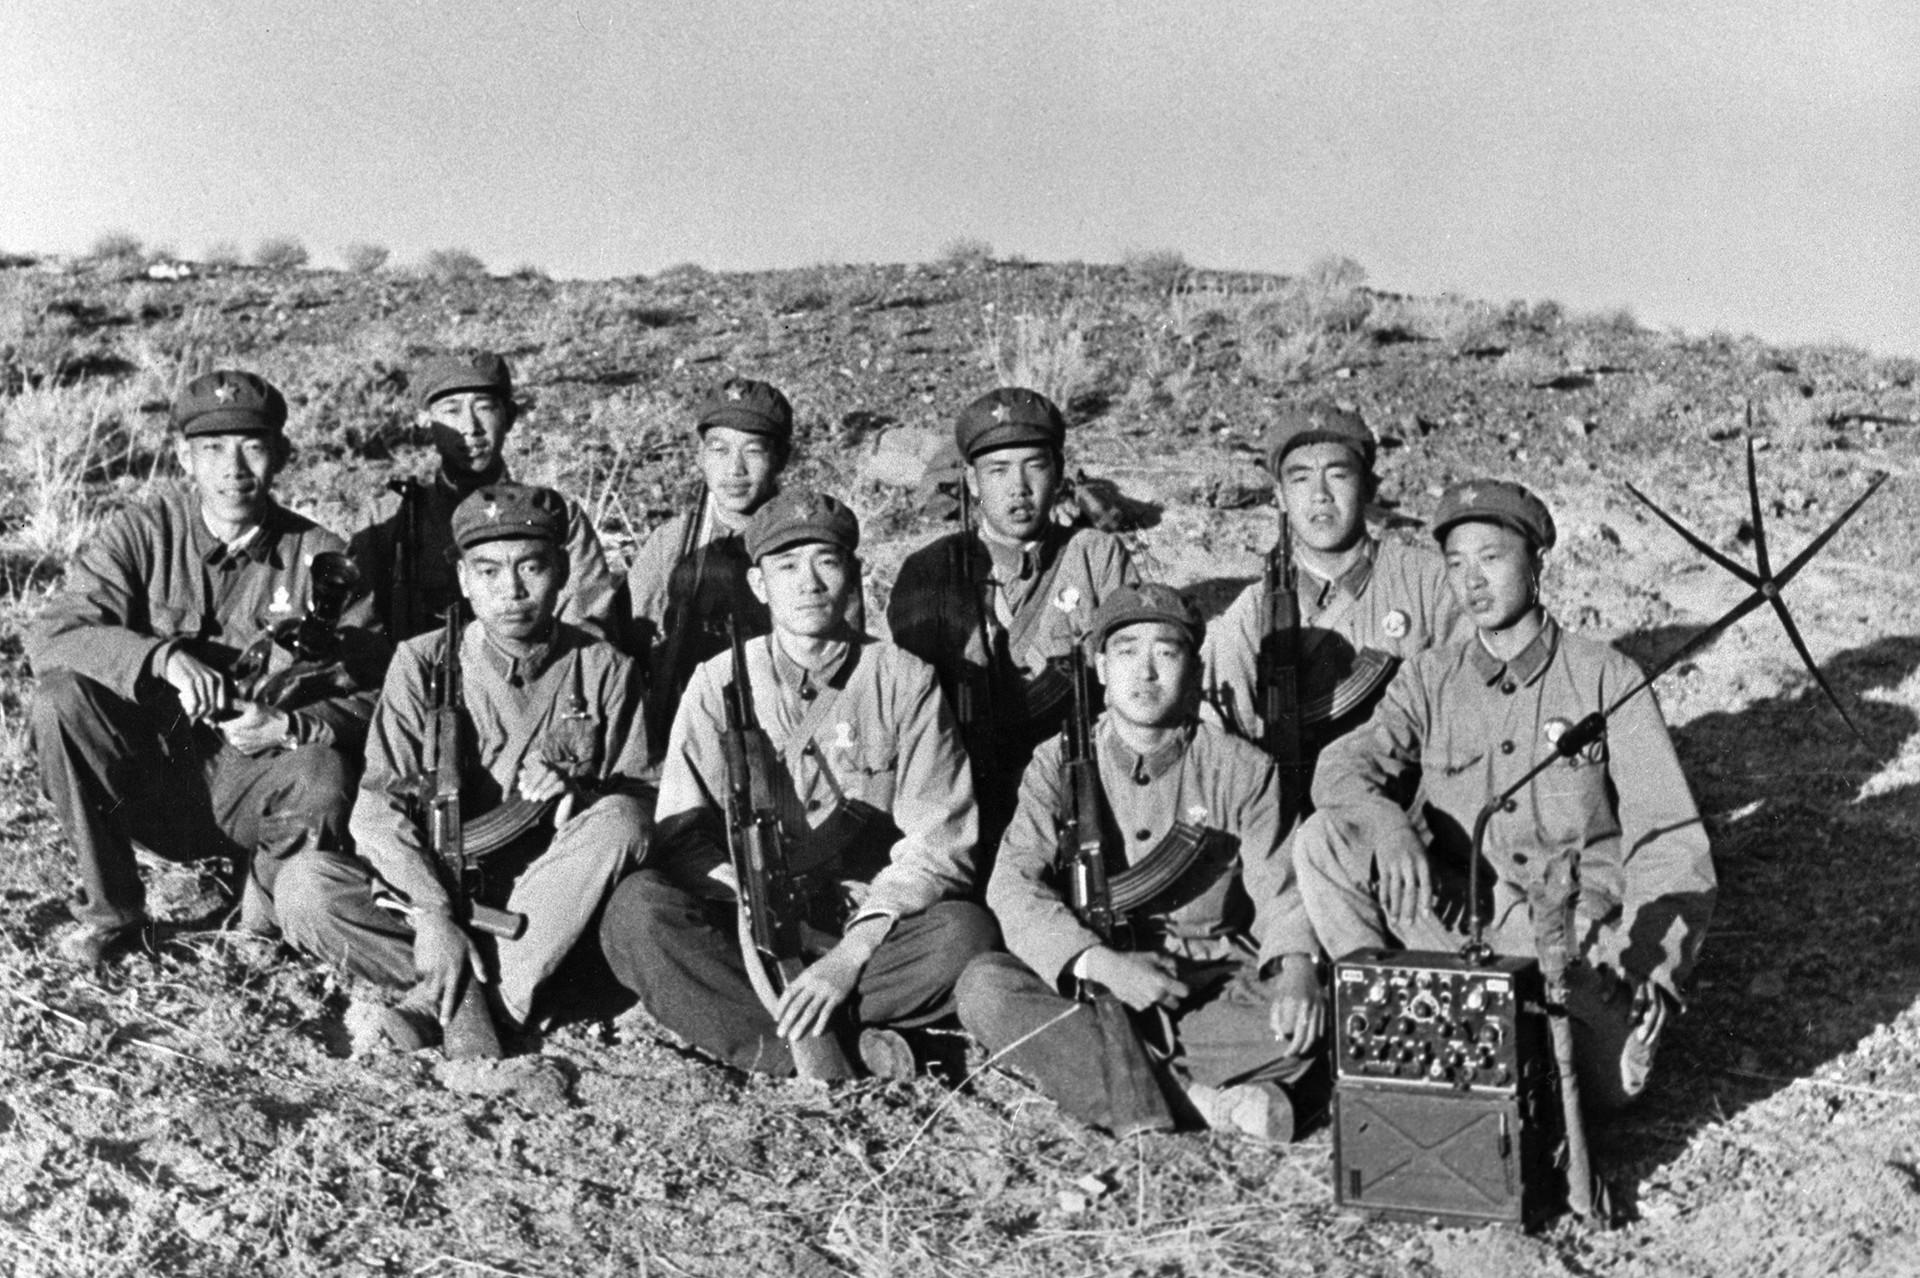 Participantes del ataque armado en la frontera ruso-china en el distrito Zhalanashkol, el 1 de octubre de 1969